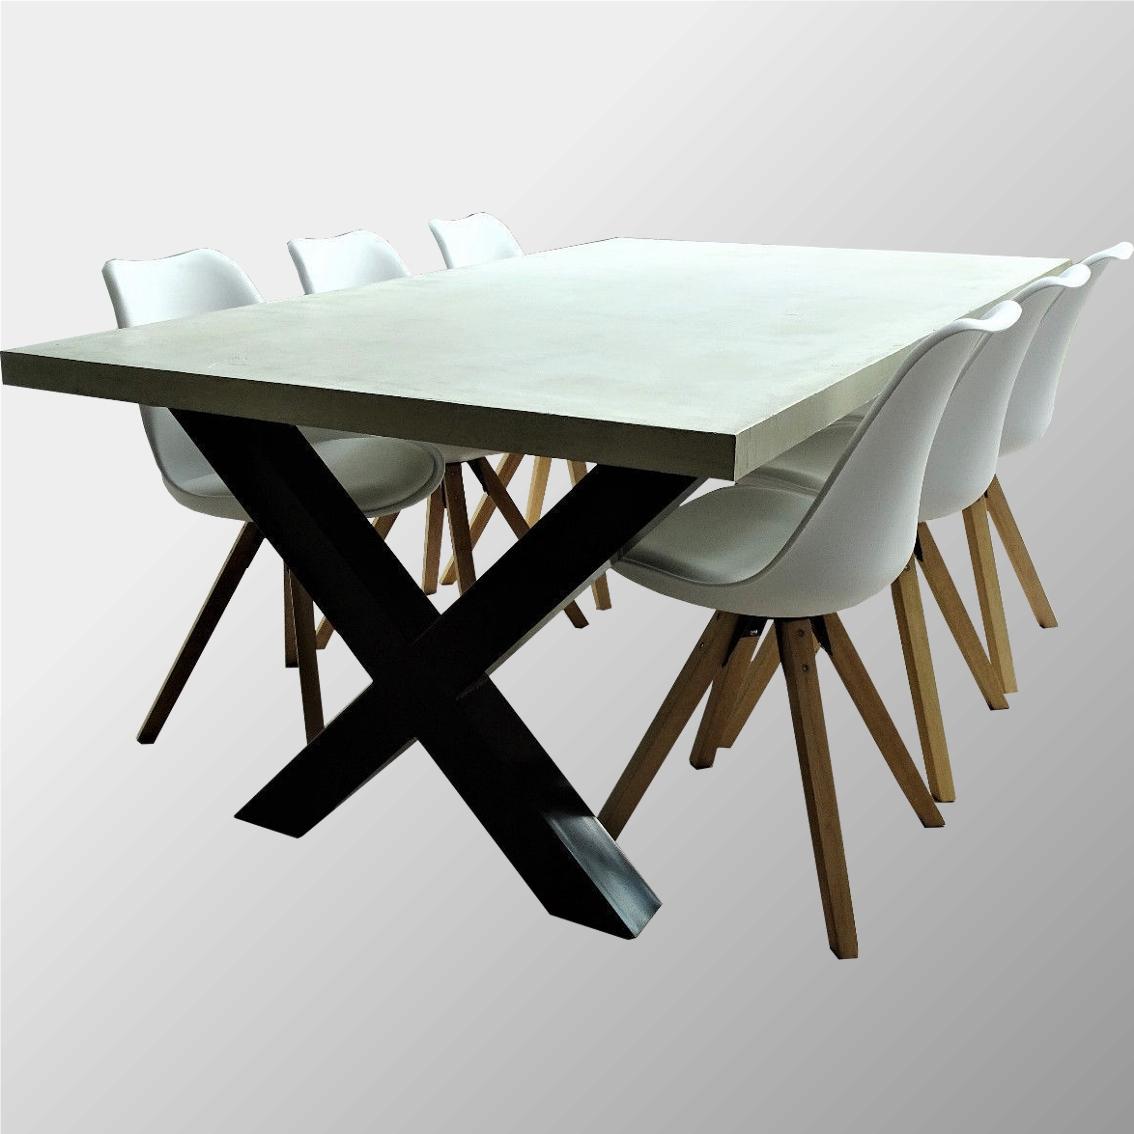 esstisch garten tisch beton optik grau design beine x gestell stahl 180 x100cm ebay. Black Bedroom Furniture Sets. Home Design Ideas